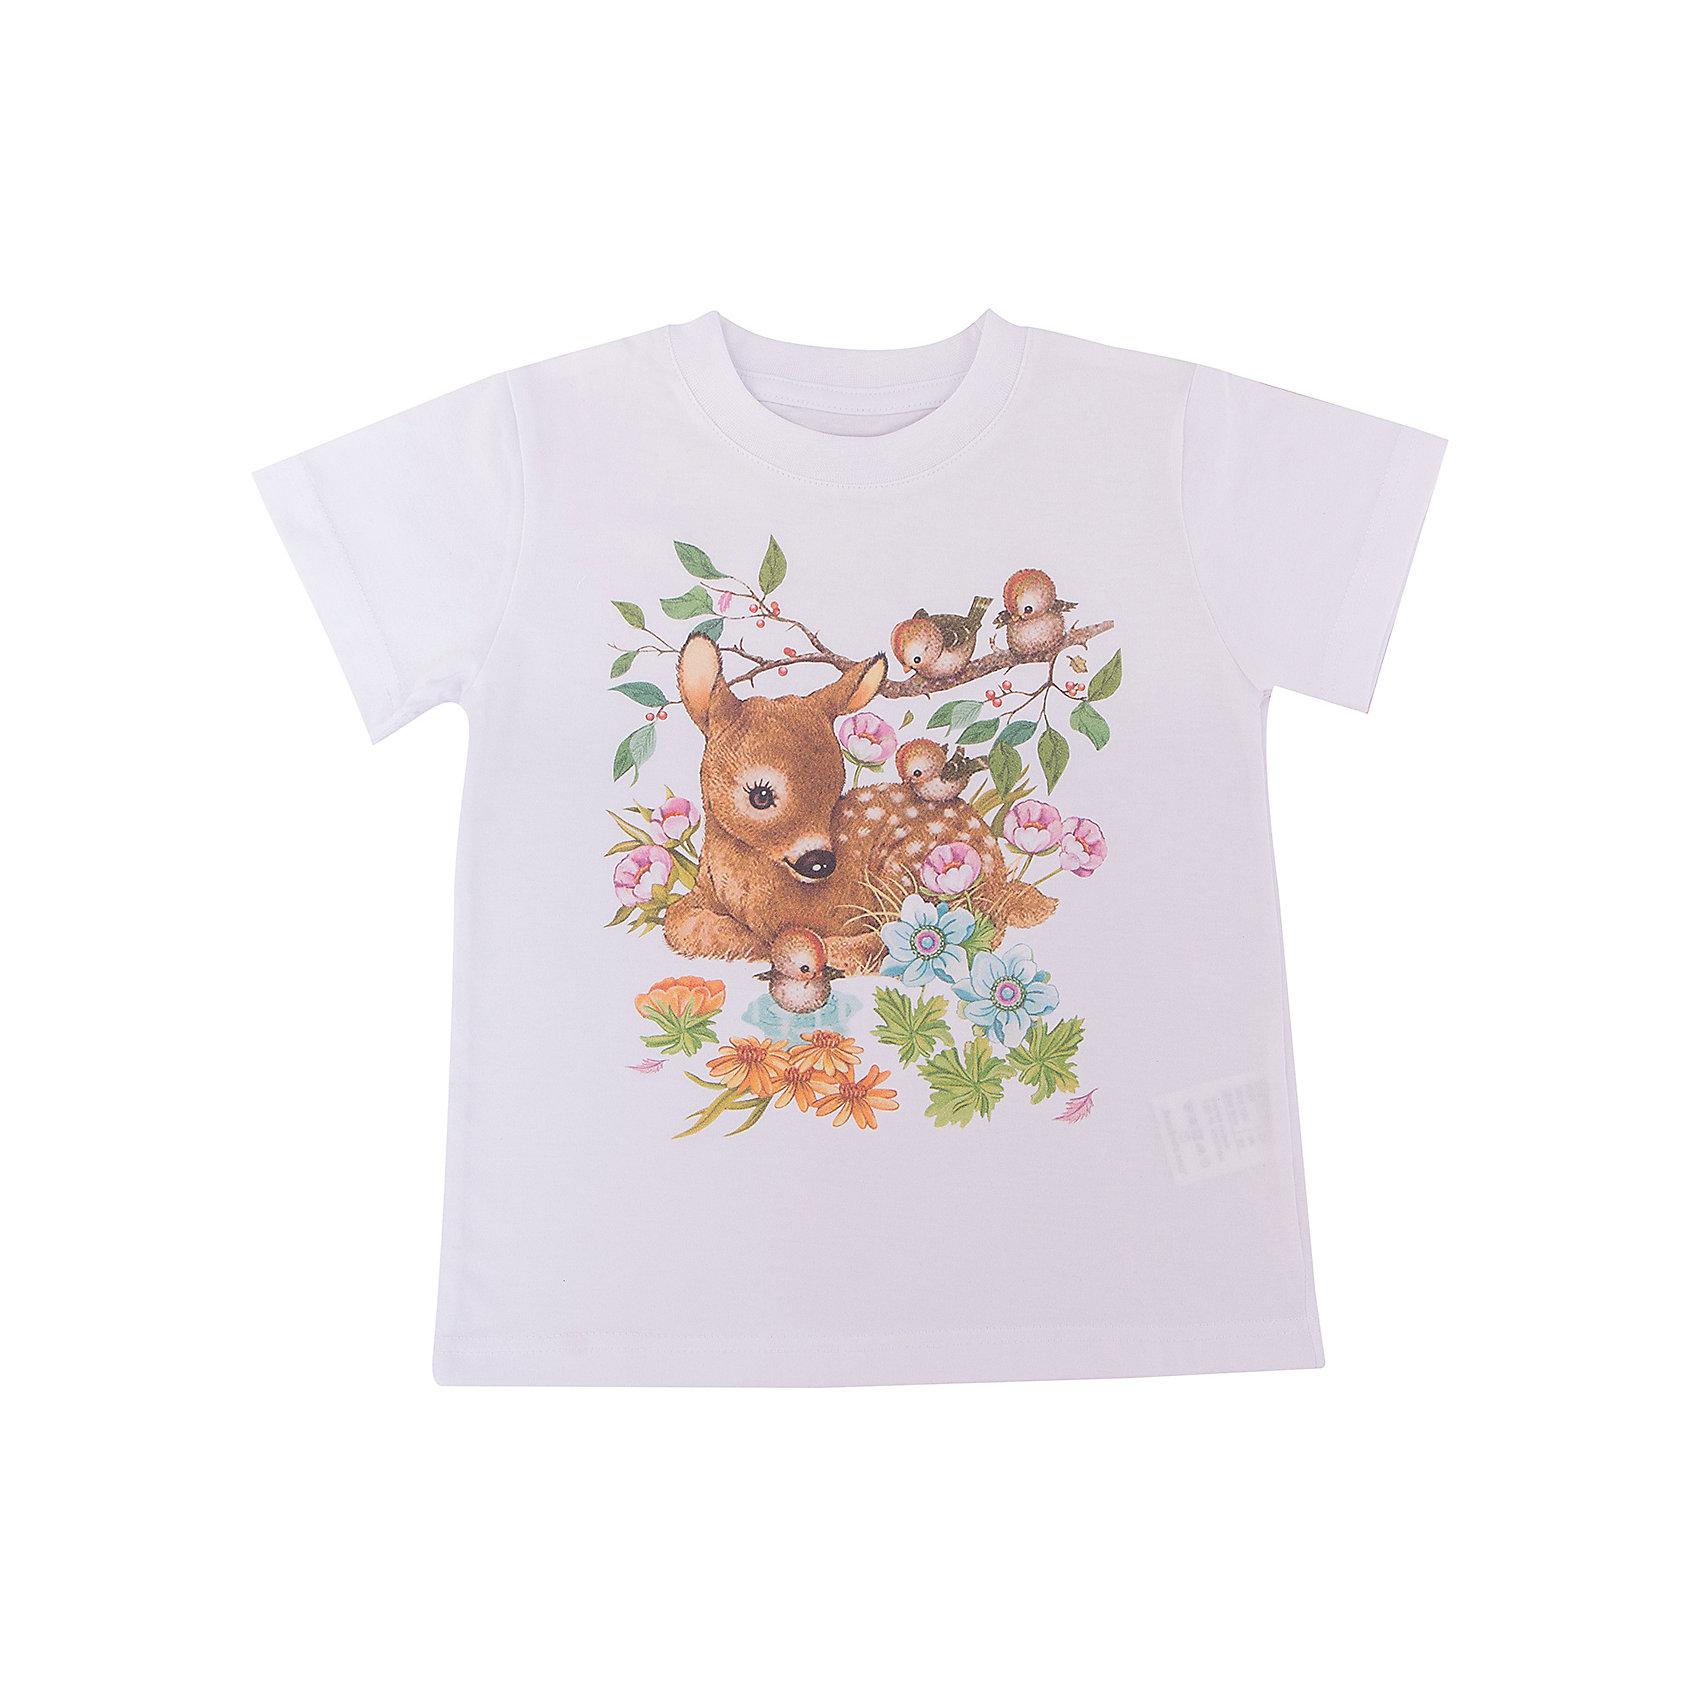 Футболка для девочки WOWФутболки, поло и топы<br>Футболка для девочки WOW<br>Незаменимой вещью в  гардеробе послужит футболка с коротким рукавом. Стильная и в тоже время комфортная модель, с яркой оригинальной печатью, будет превосходно смотреться на ребенке.<br>Состав:<br>кулирная гладь 100% хлопок<br><br>Ширина мм: 199<br>Глубина мм: 10<br>Высота мм: 161<br>Вес г: 151<br>Цвет: белый<br>Возраст от месяцев: 48<br>Возраст до месяцев: 60<br>Пол: Женский<br>Возраст: Детский<br>Размер: 110,116,122,98,104<br>SKU: 6871533